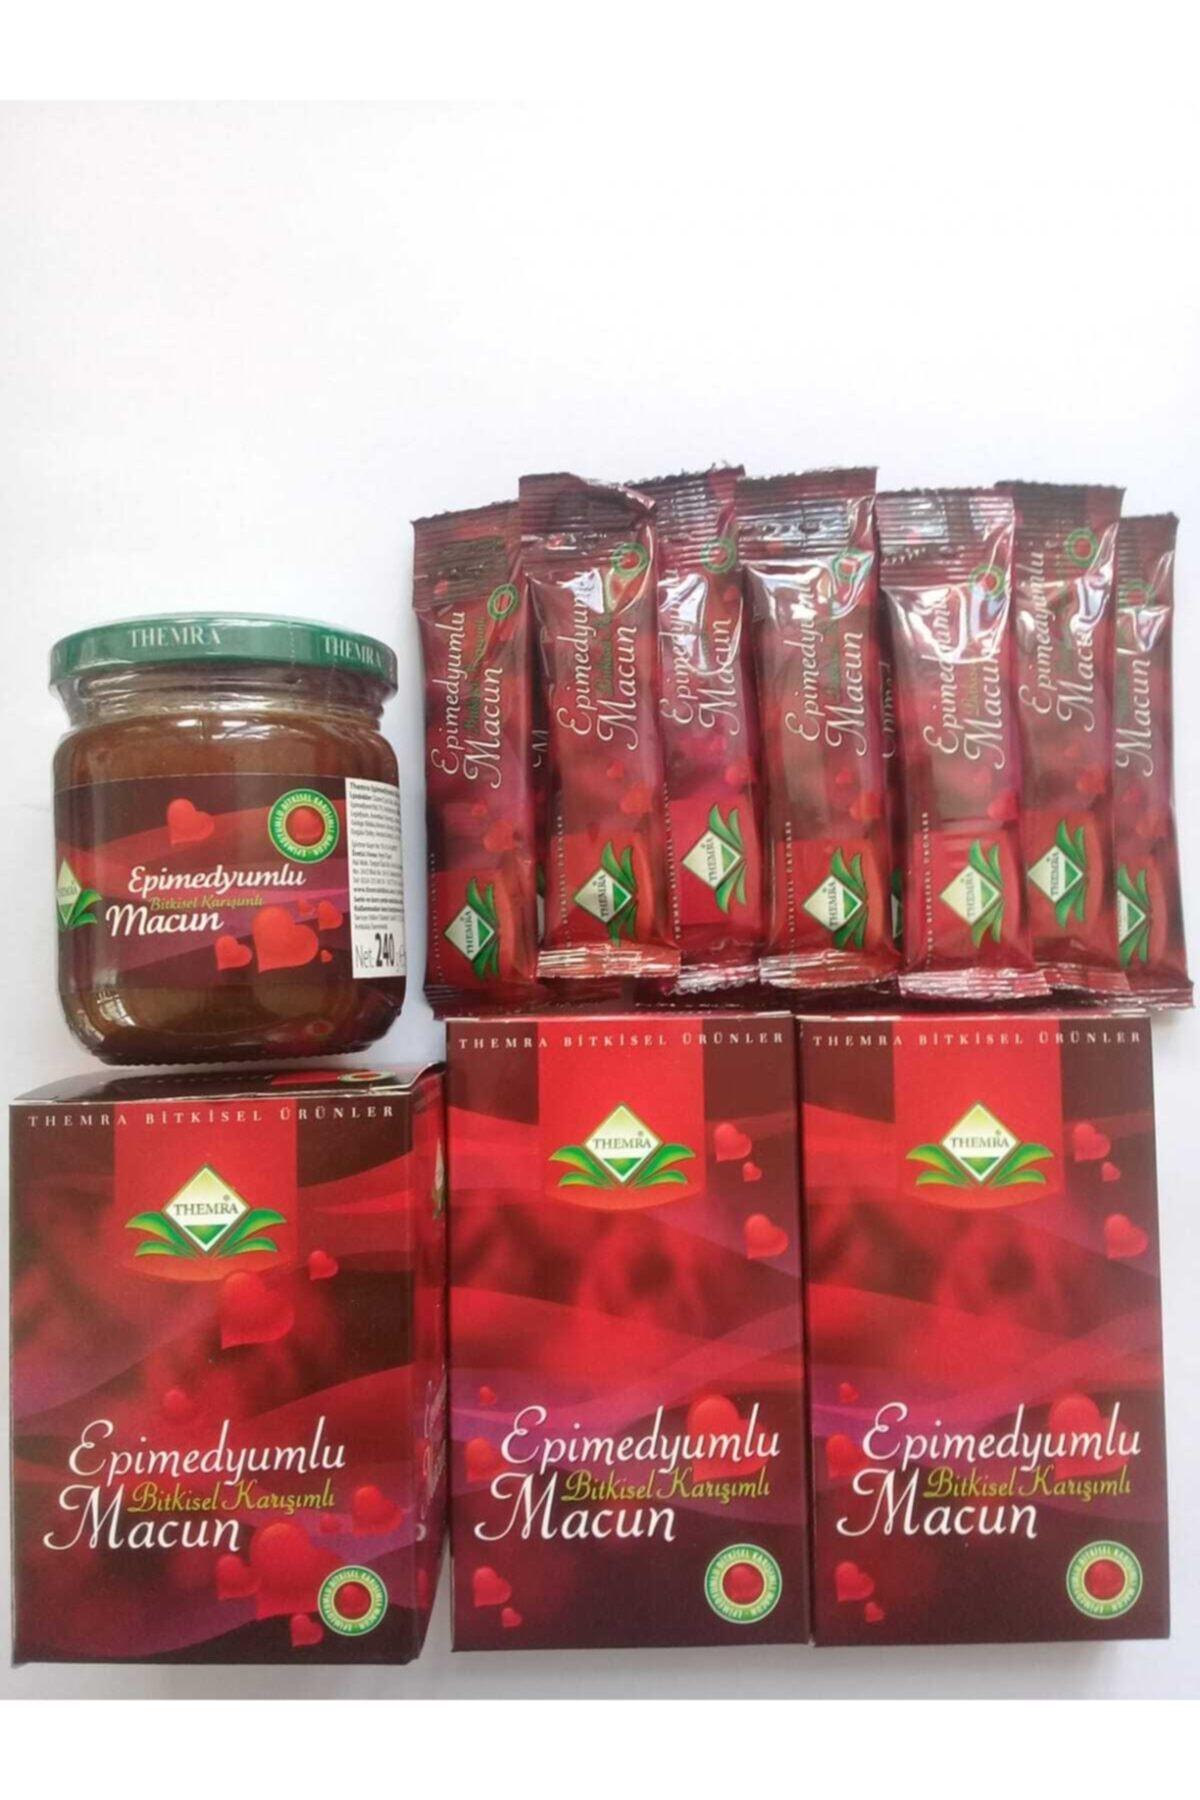 ثيمرا عسل علبة 240 غرام مع 2 علبة 24 ظرف هدية المقوي الجنسي الطبيعي بالابيديوم والجنسنغ